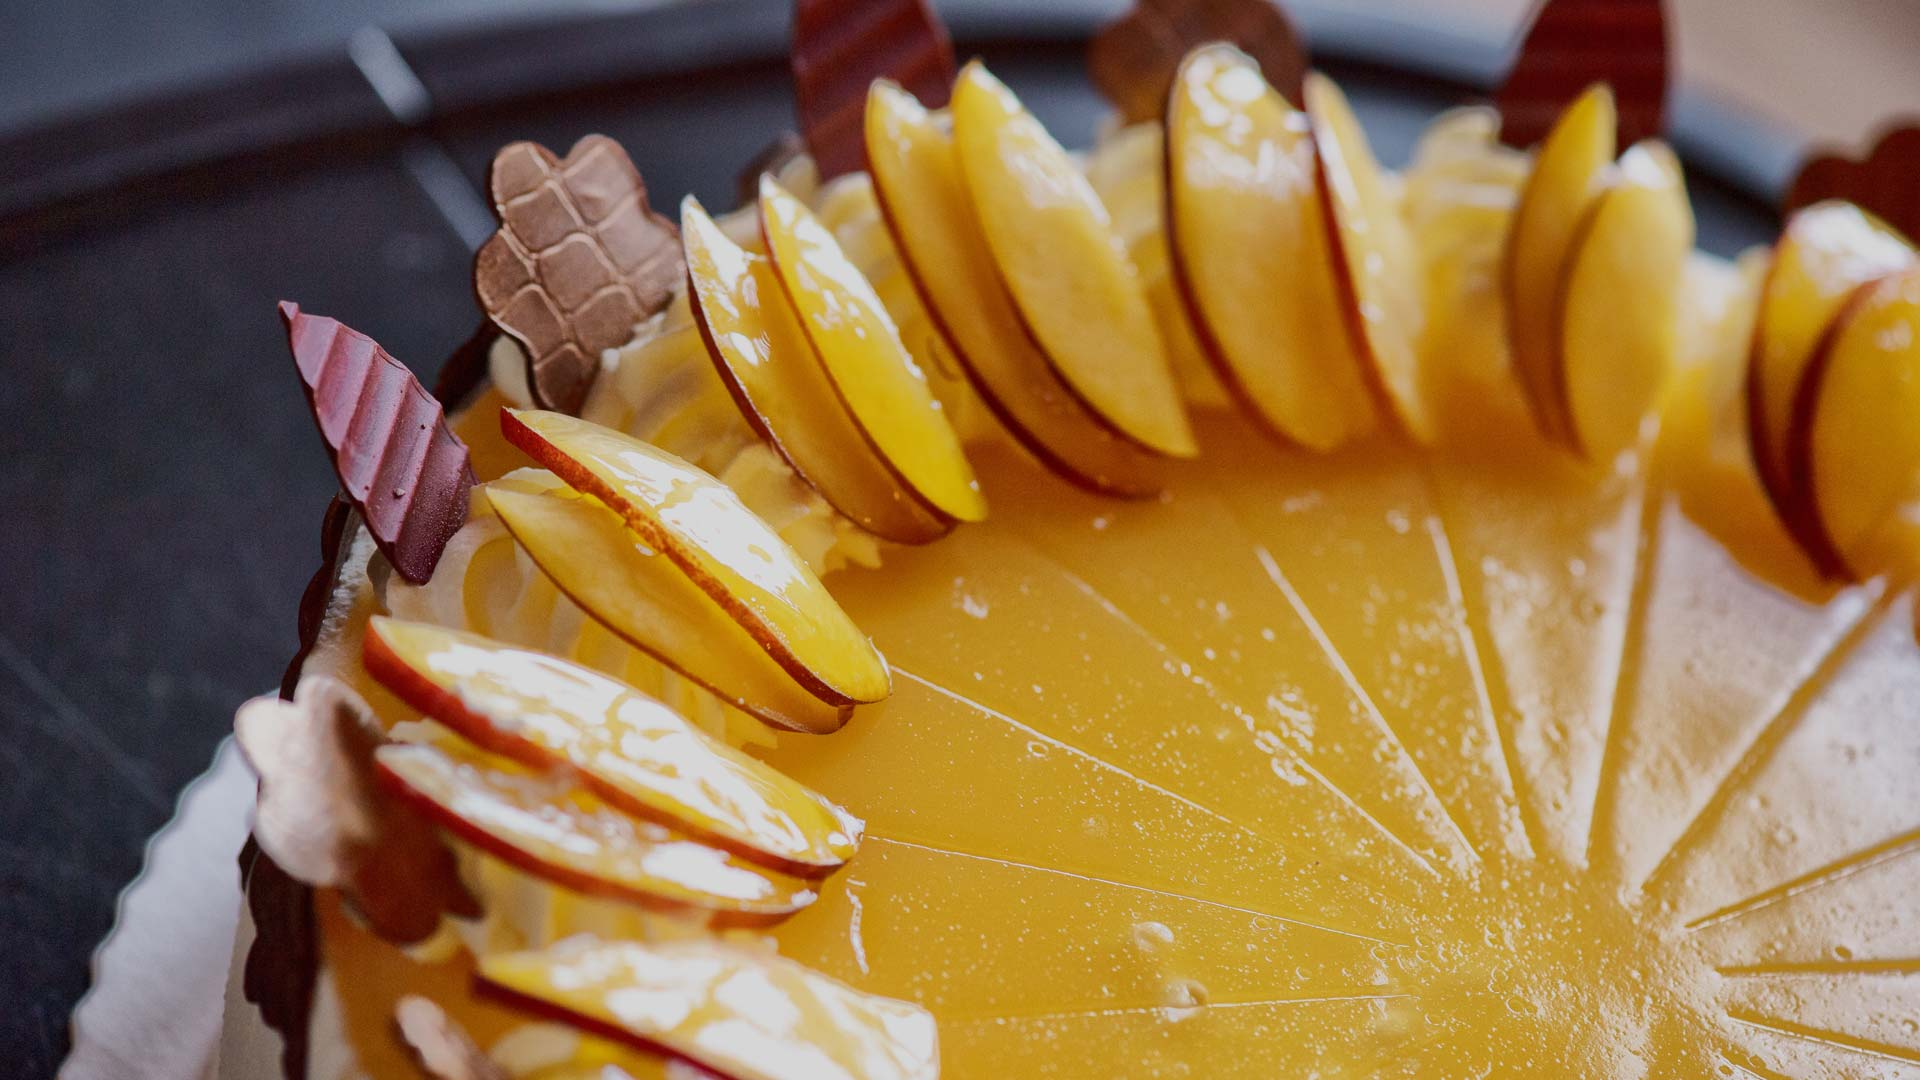 Kuchen- und Torten-Spezialitäten</br> nach handwerklicher Tradition.